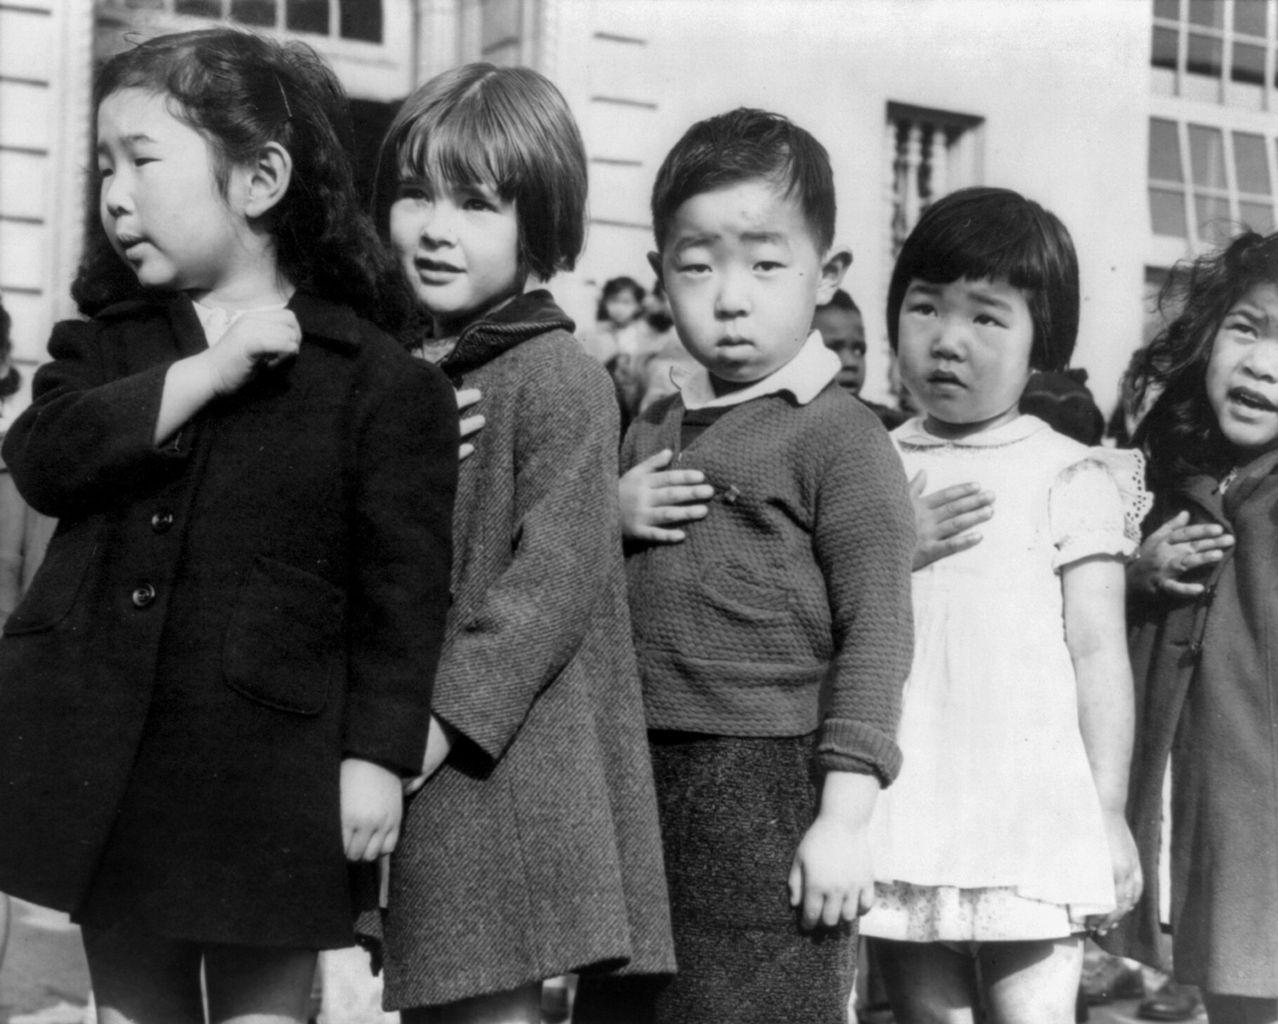 Παιδιά στο στρατόπεδο εγκλεισμού των Ιαπώνων Αμερικανών, Ντοροθέα Λανγκ, 1942. Photo Credits: Wikimedia Commons